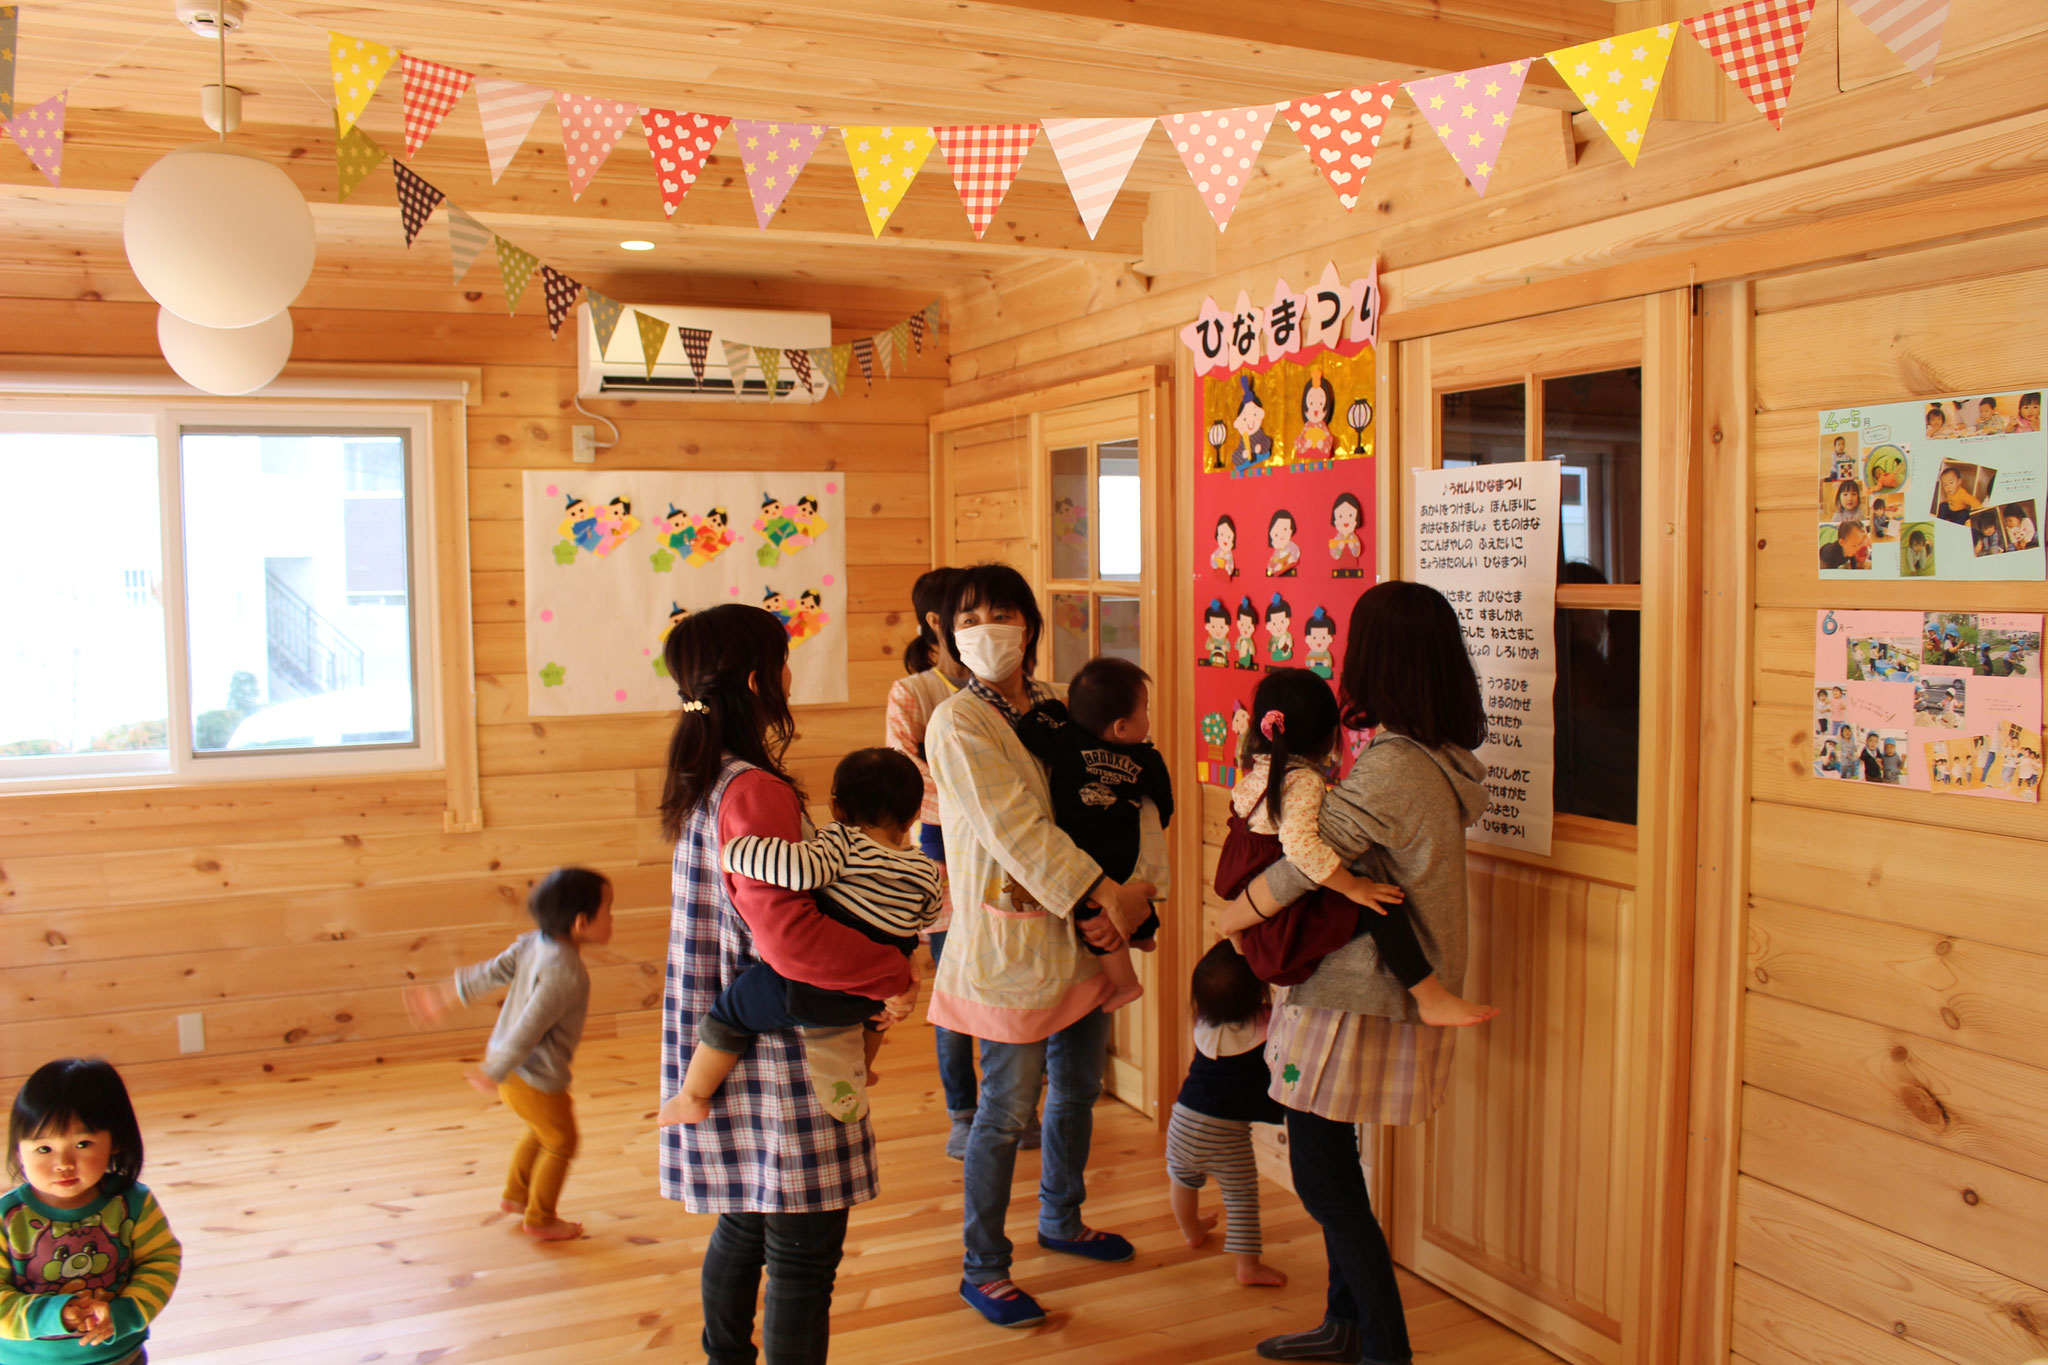 ひなまつりのうたを 先生たちが歌うと みんなも手拍子や「あー、うー」と参加してから、、 できあがった ひなだんを鑑賞中です!!